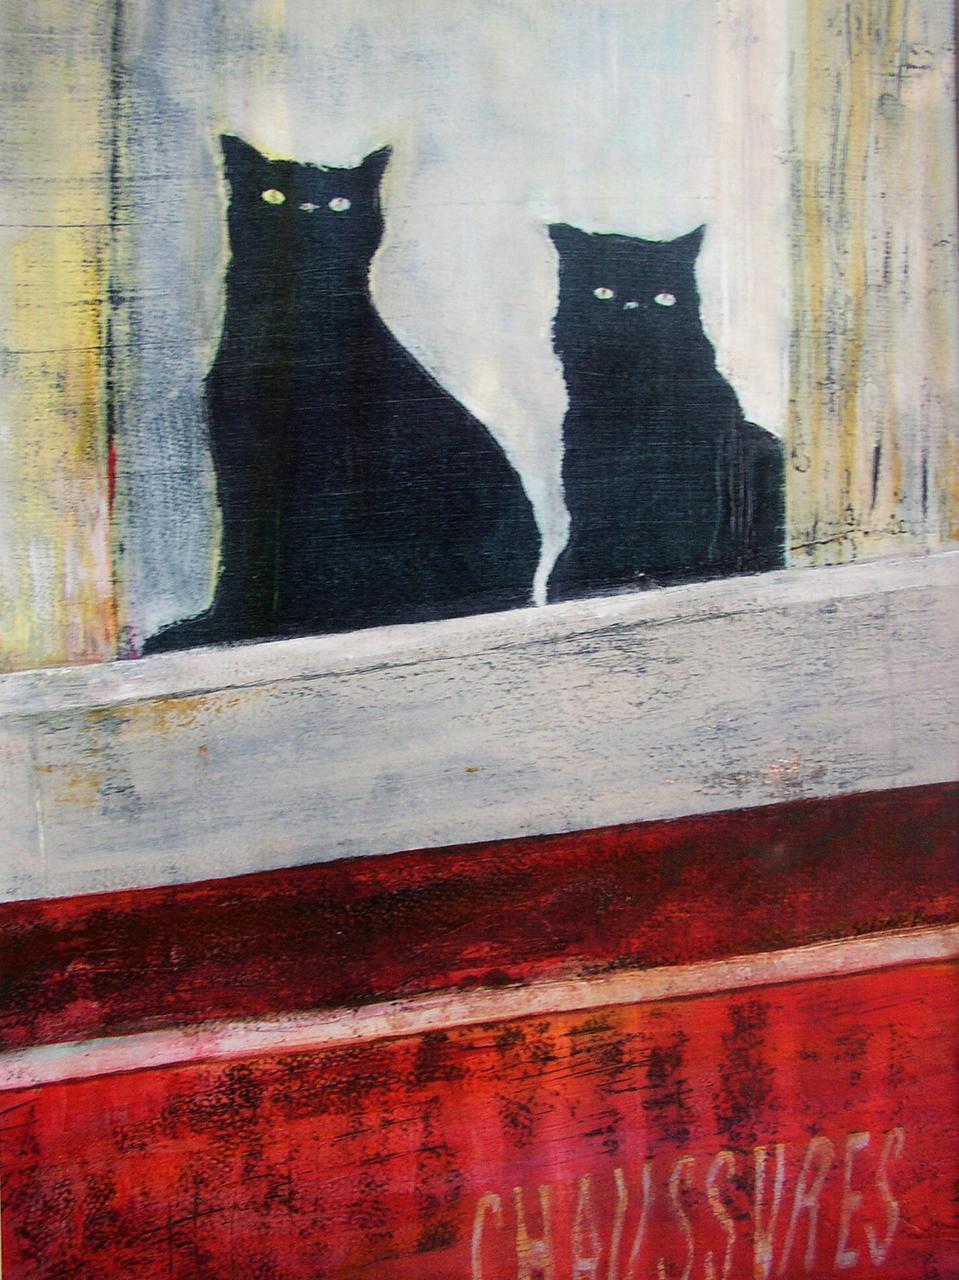 Watchcats